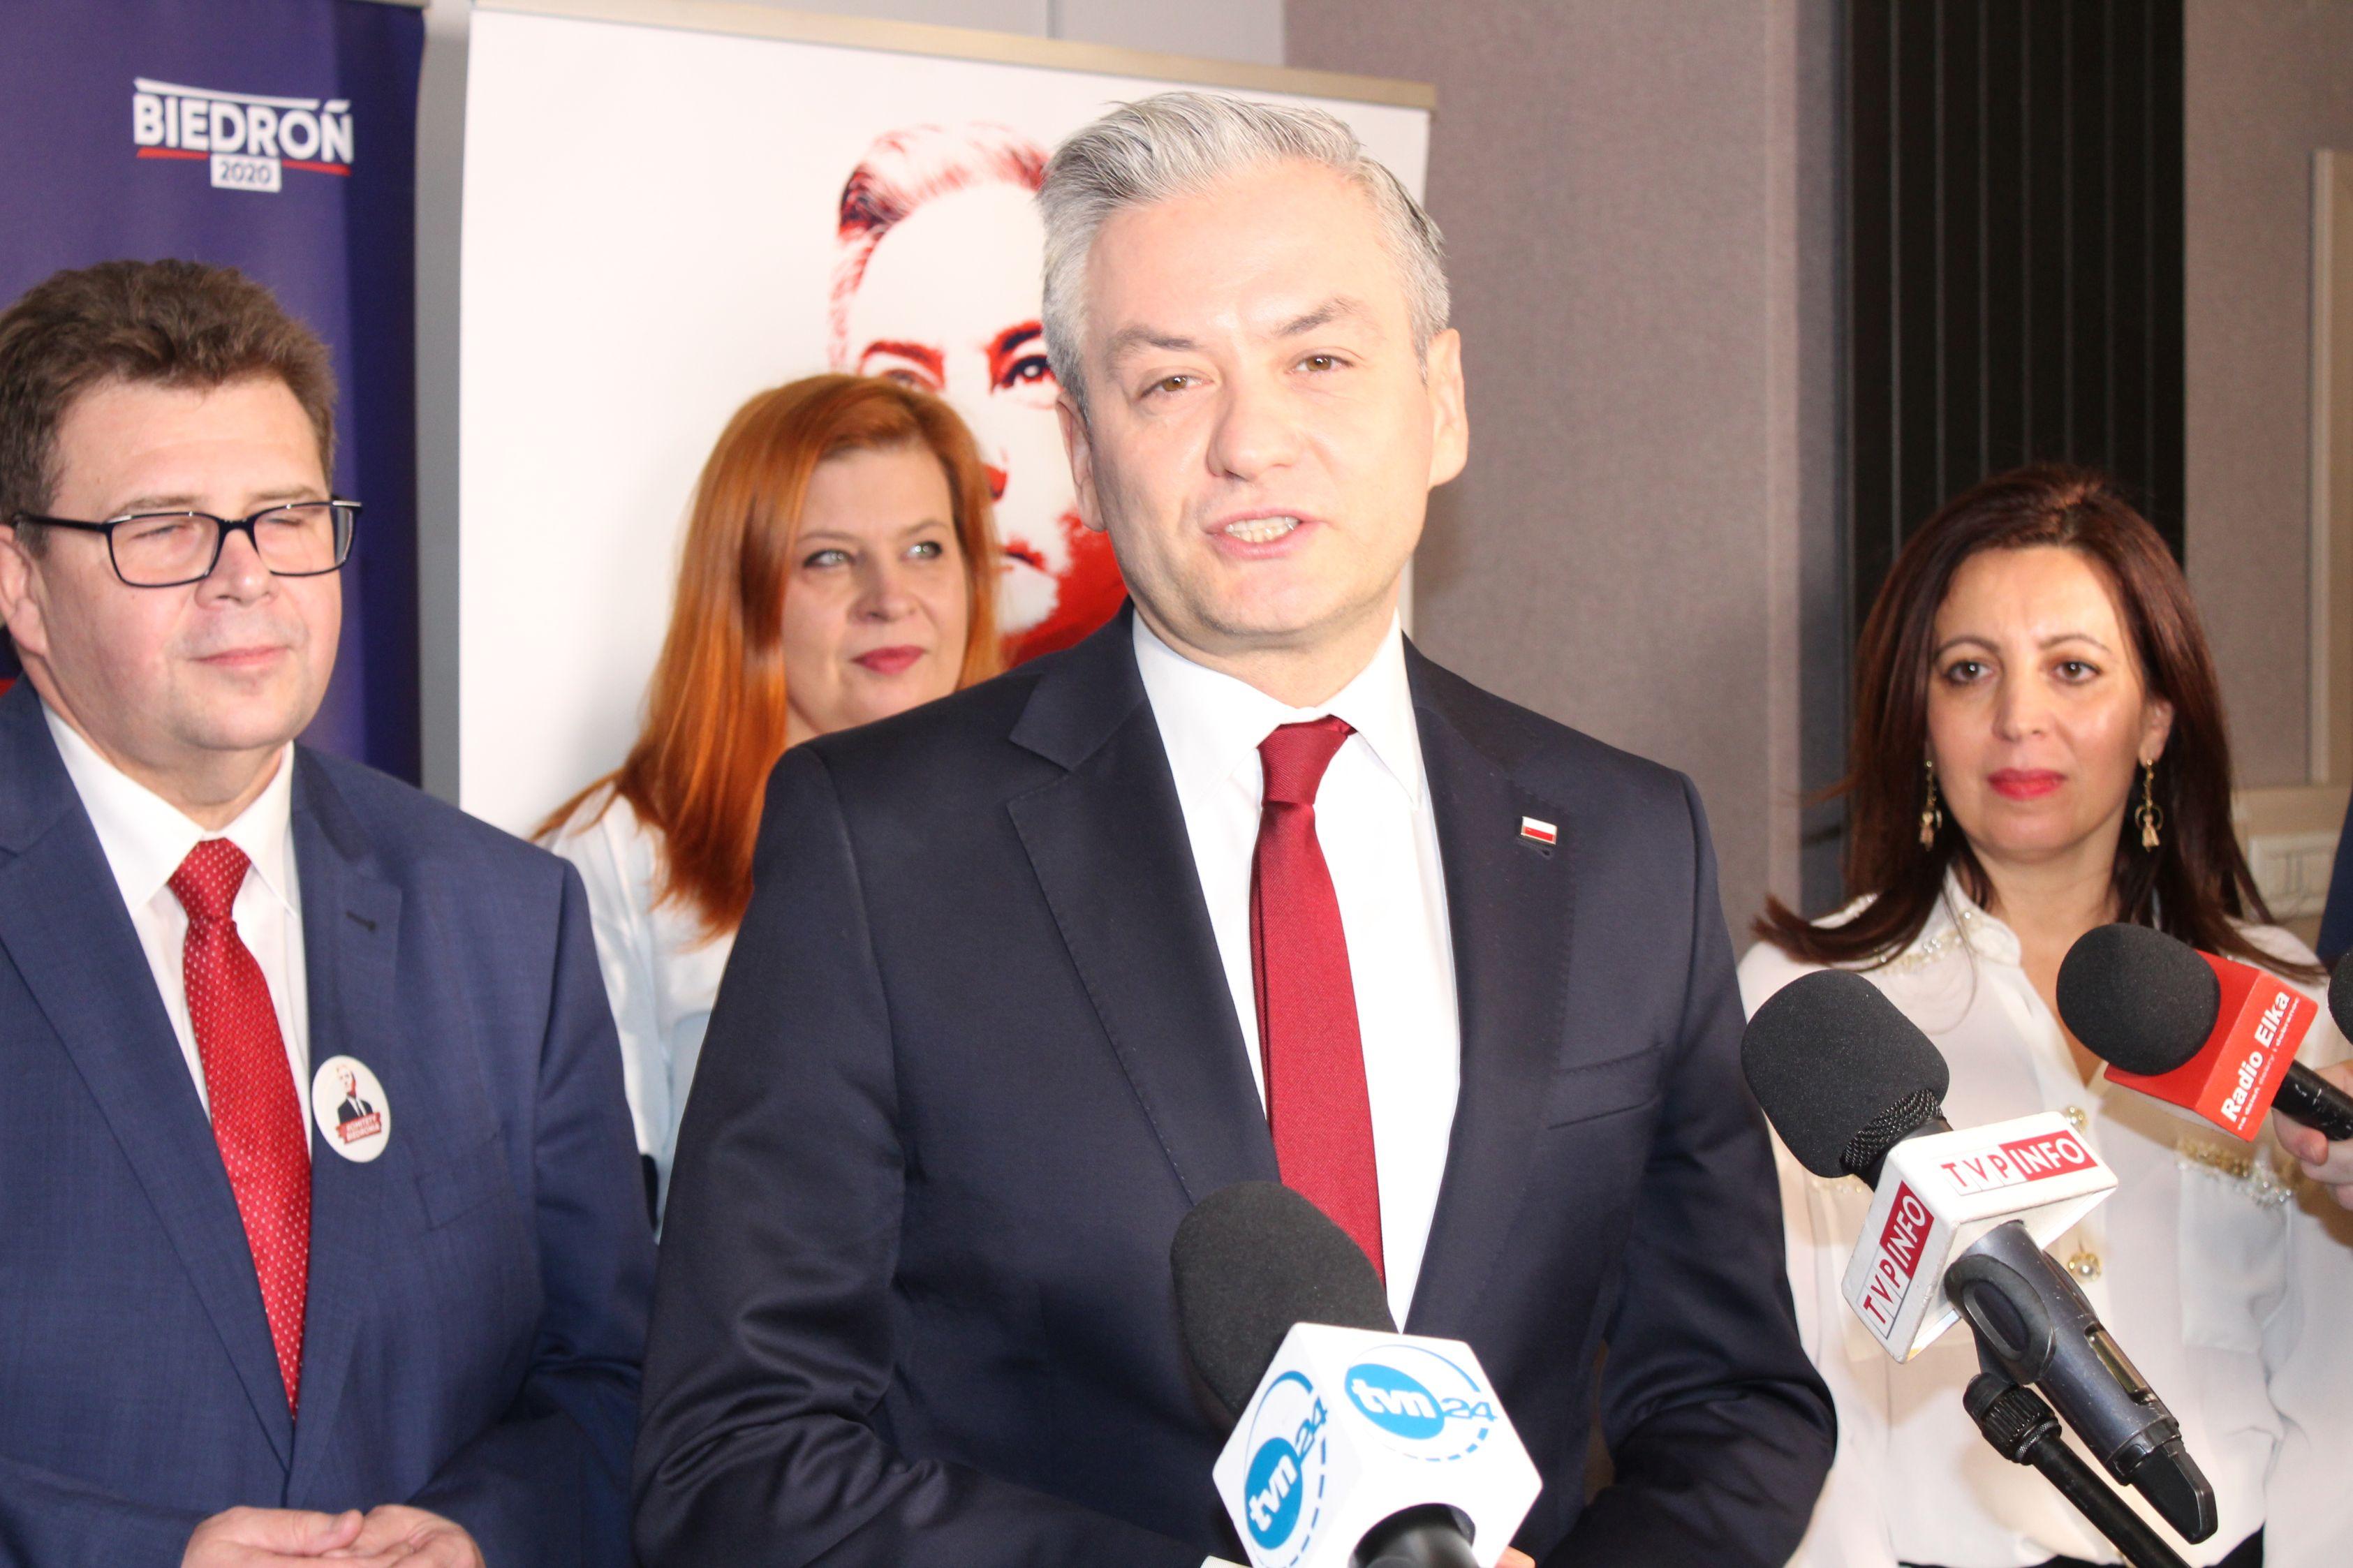 Robert Biedroń: Tak jak Lubin może się rozwijać cała Polska (FOTO, WIDEO)